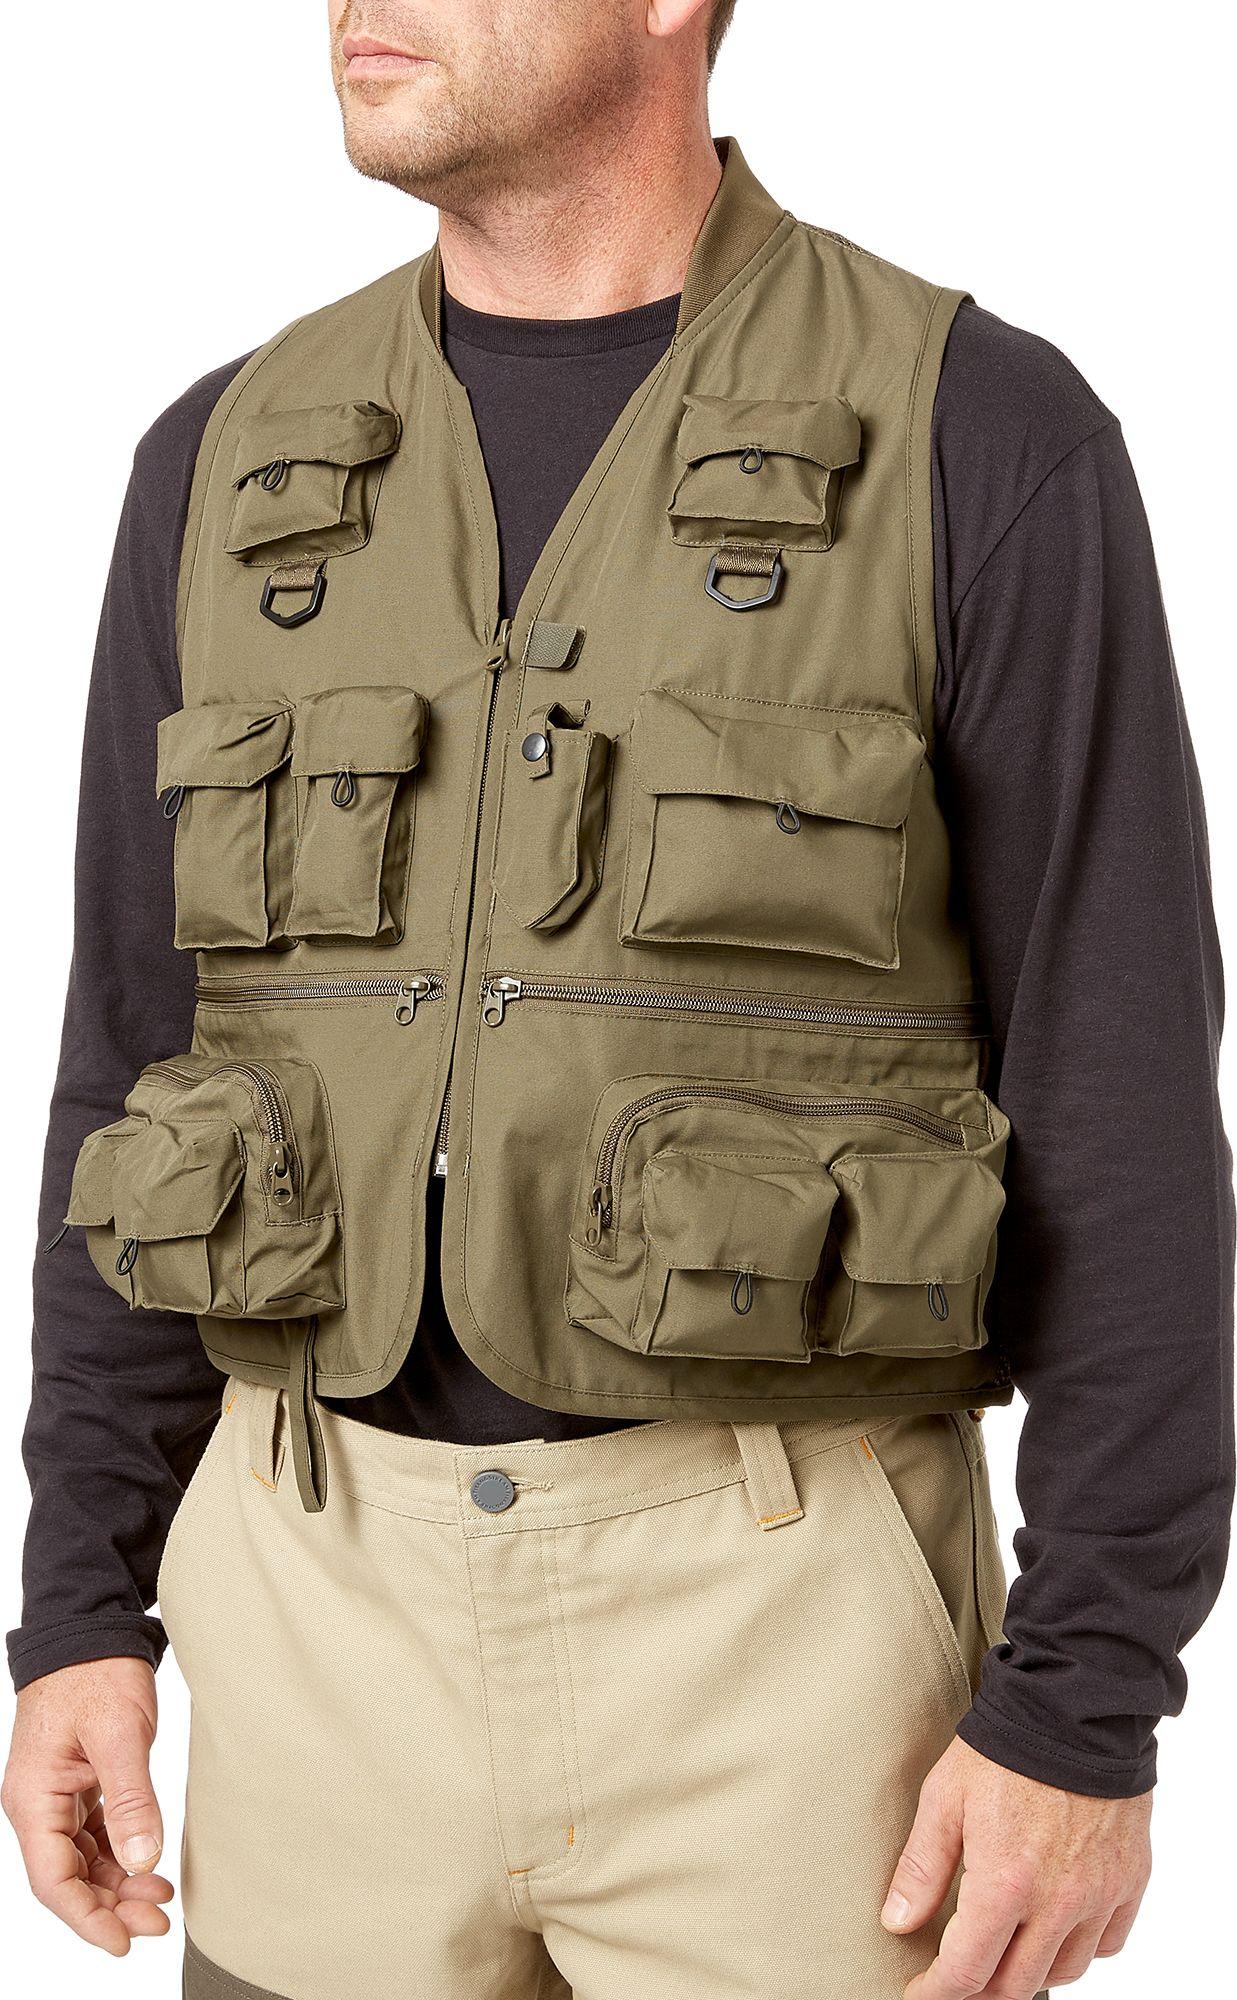 Field & Stream Men's Mesh Back Fishing Vest   DICK'S Sporting Goods